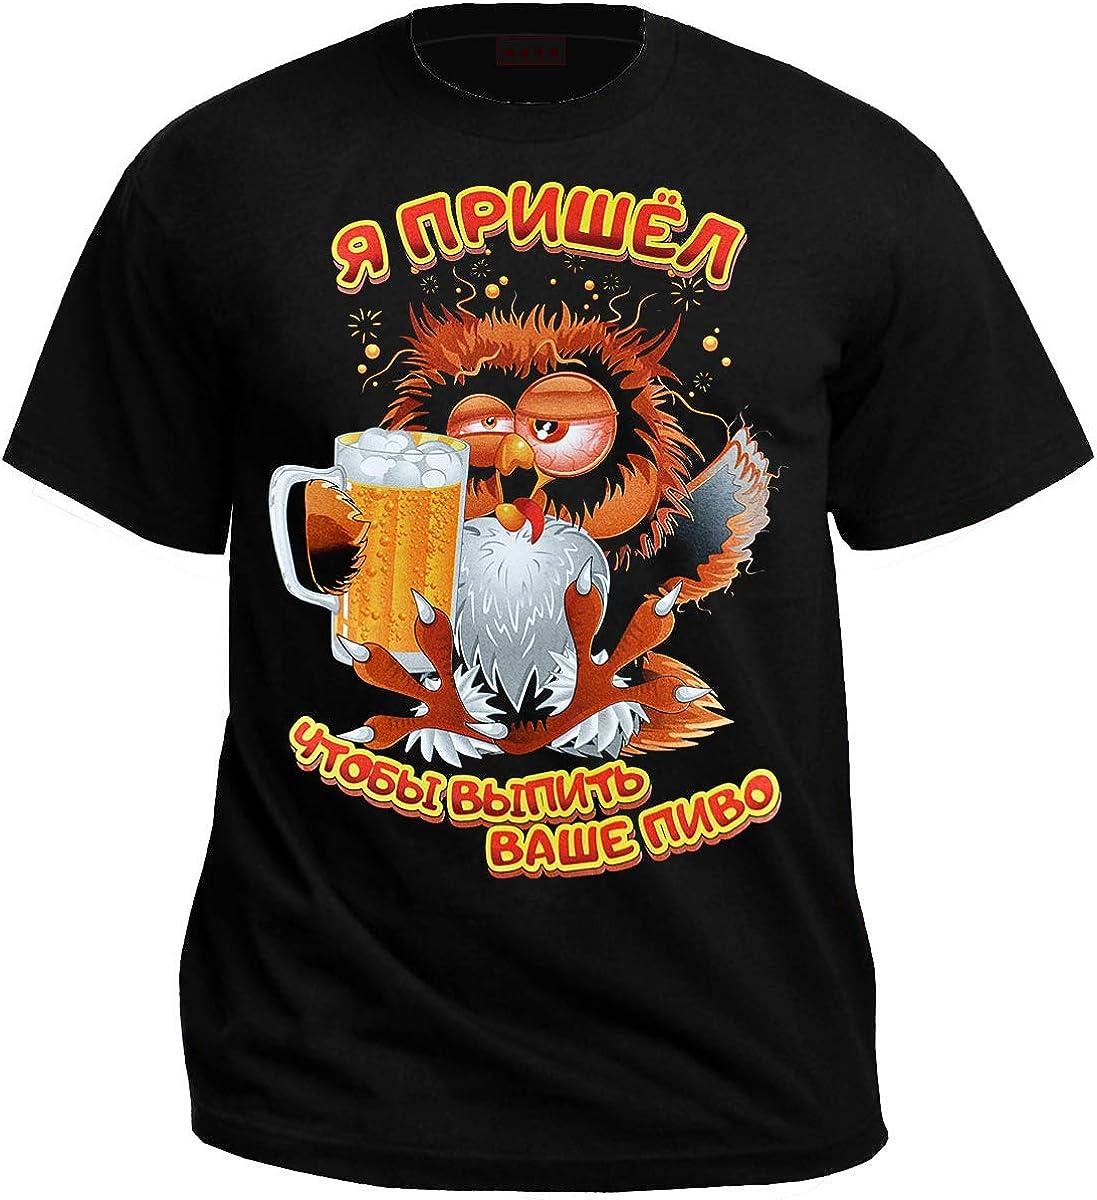 RusFunnyStuff Men t-Shirt with Funny Russian Label, мужская футболка Я пришёл, чтобы выпить ваше пиво Black